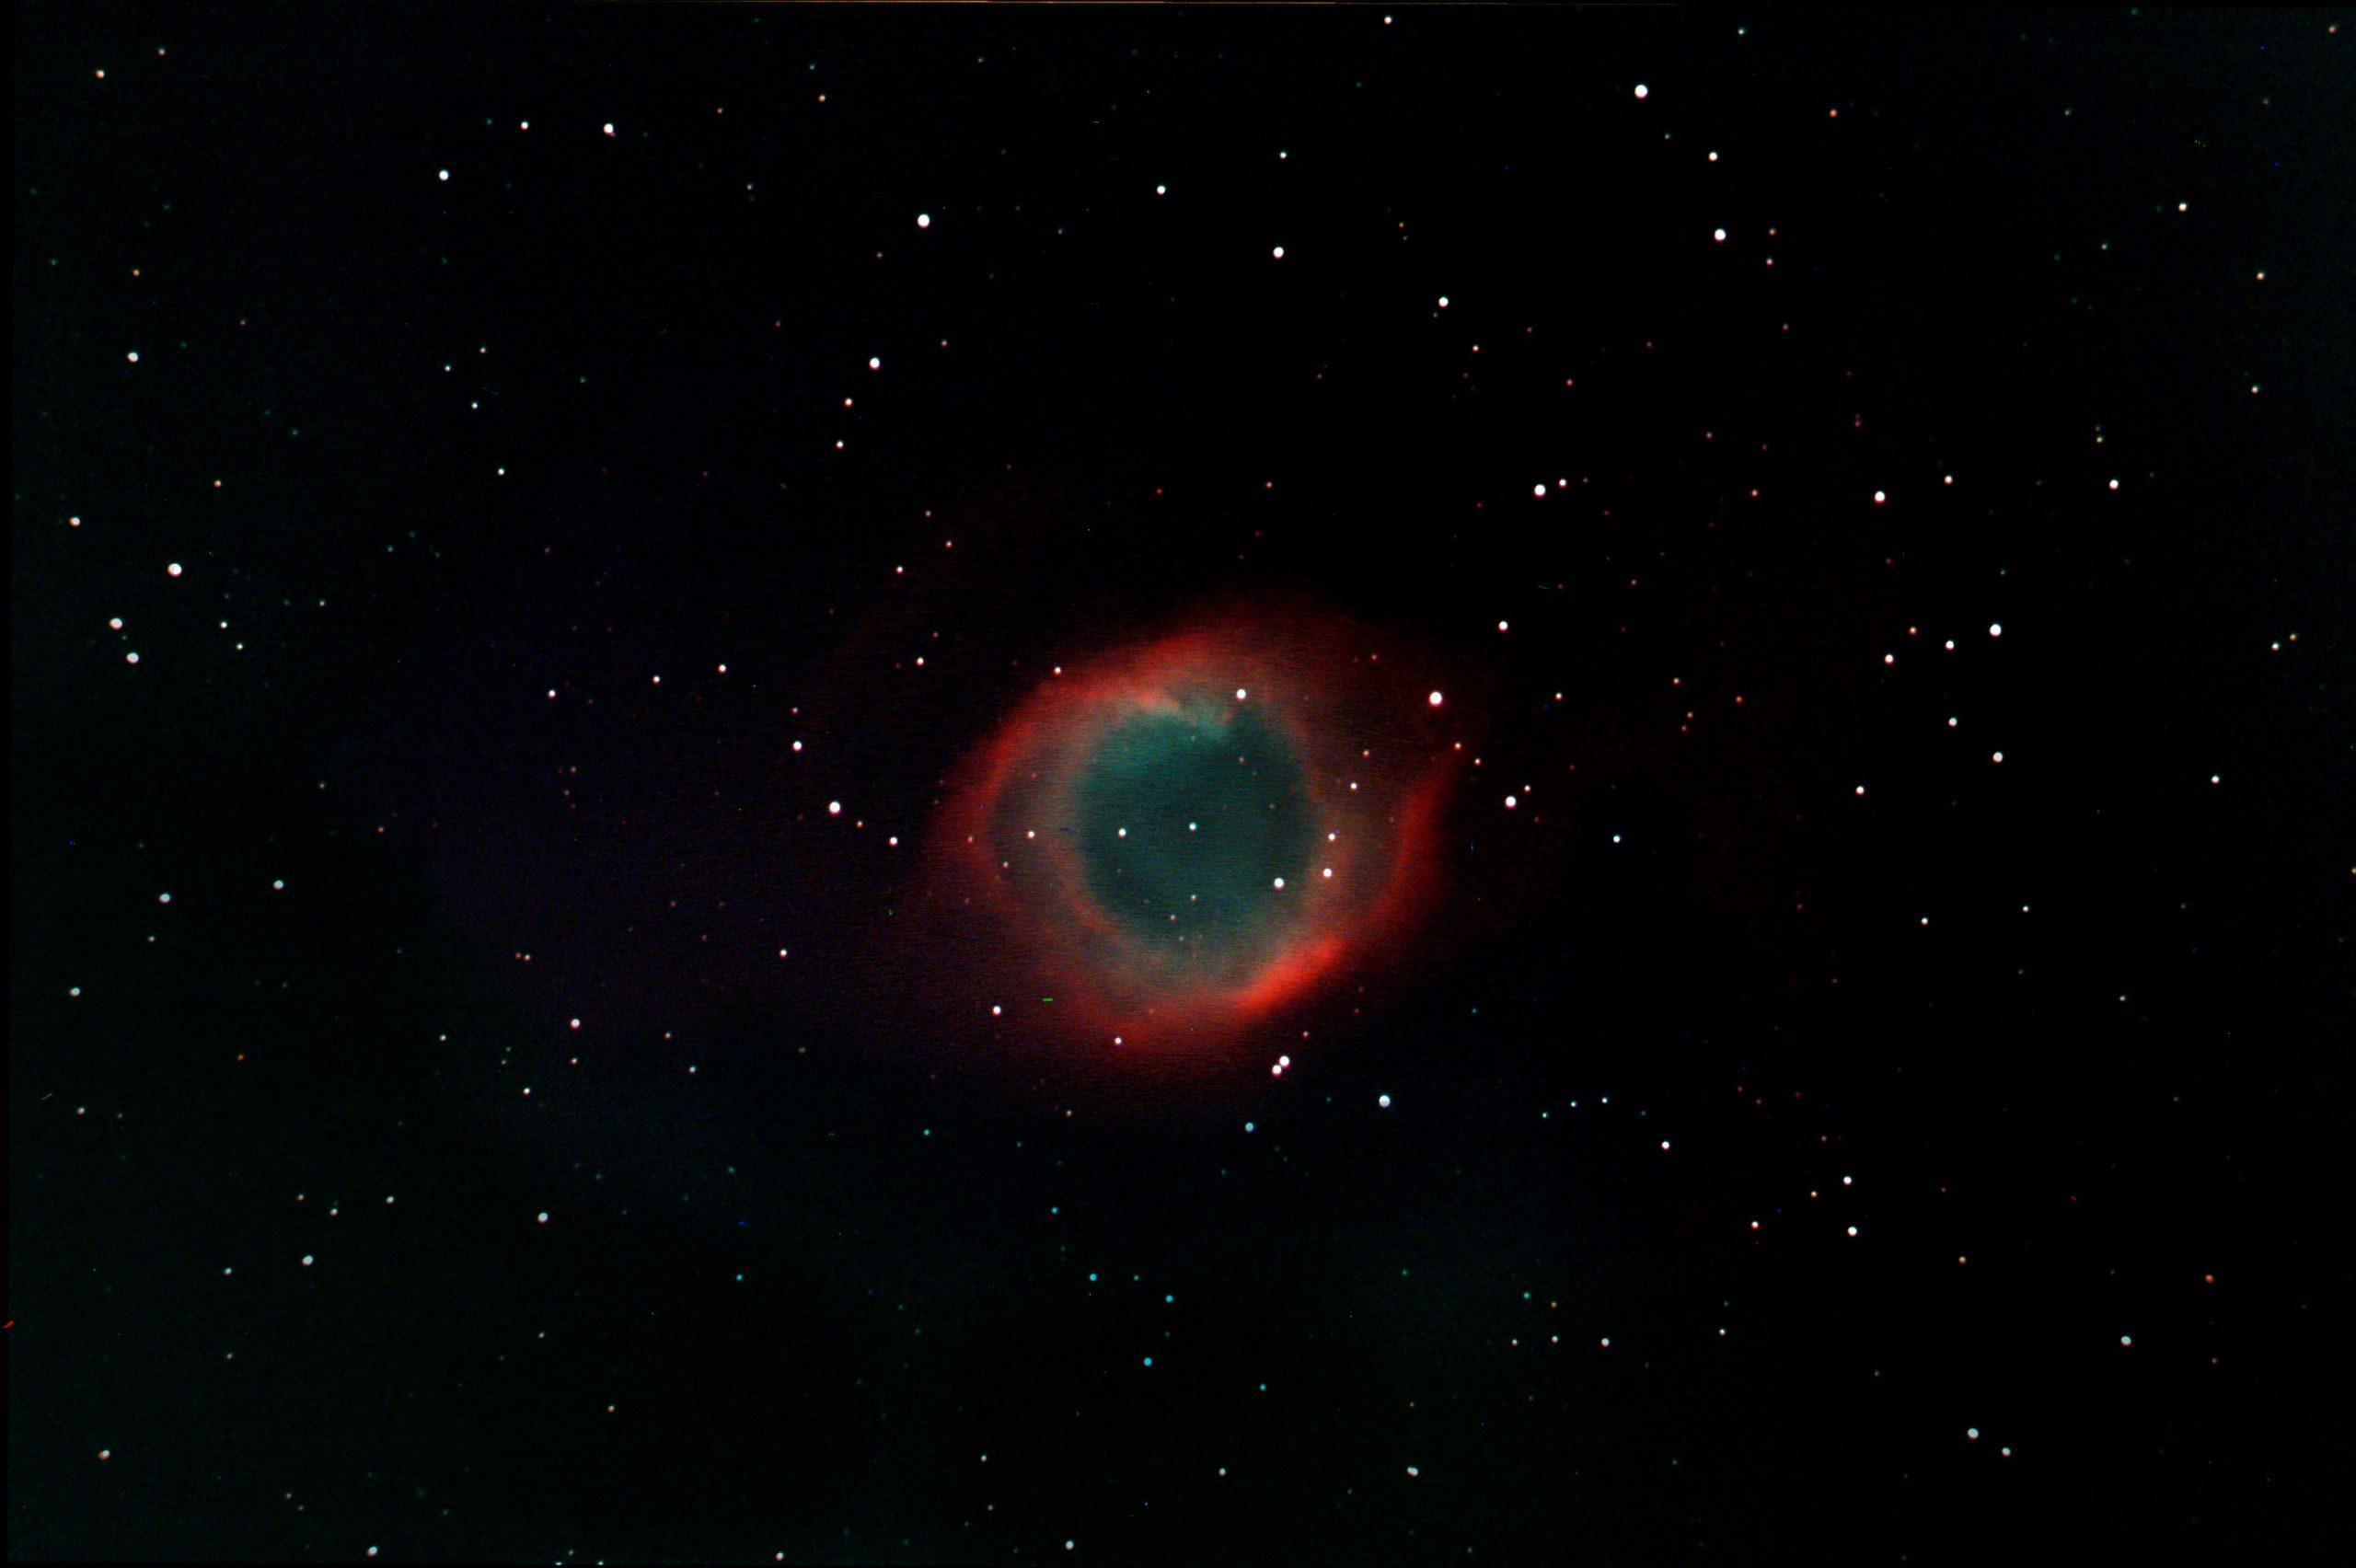 Helix Nebula by Massimo Dionisi